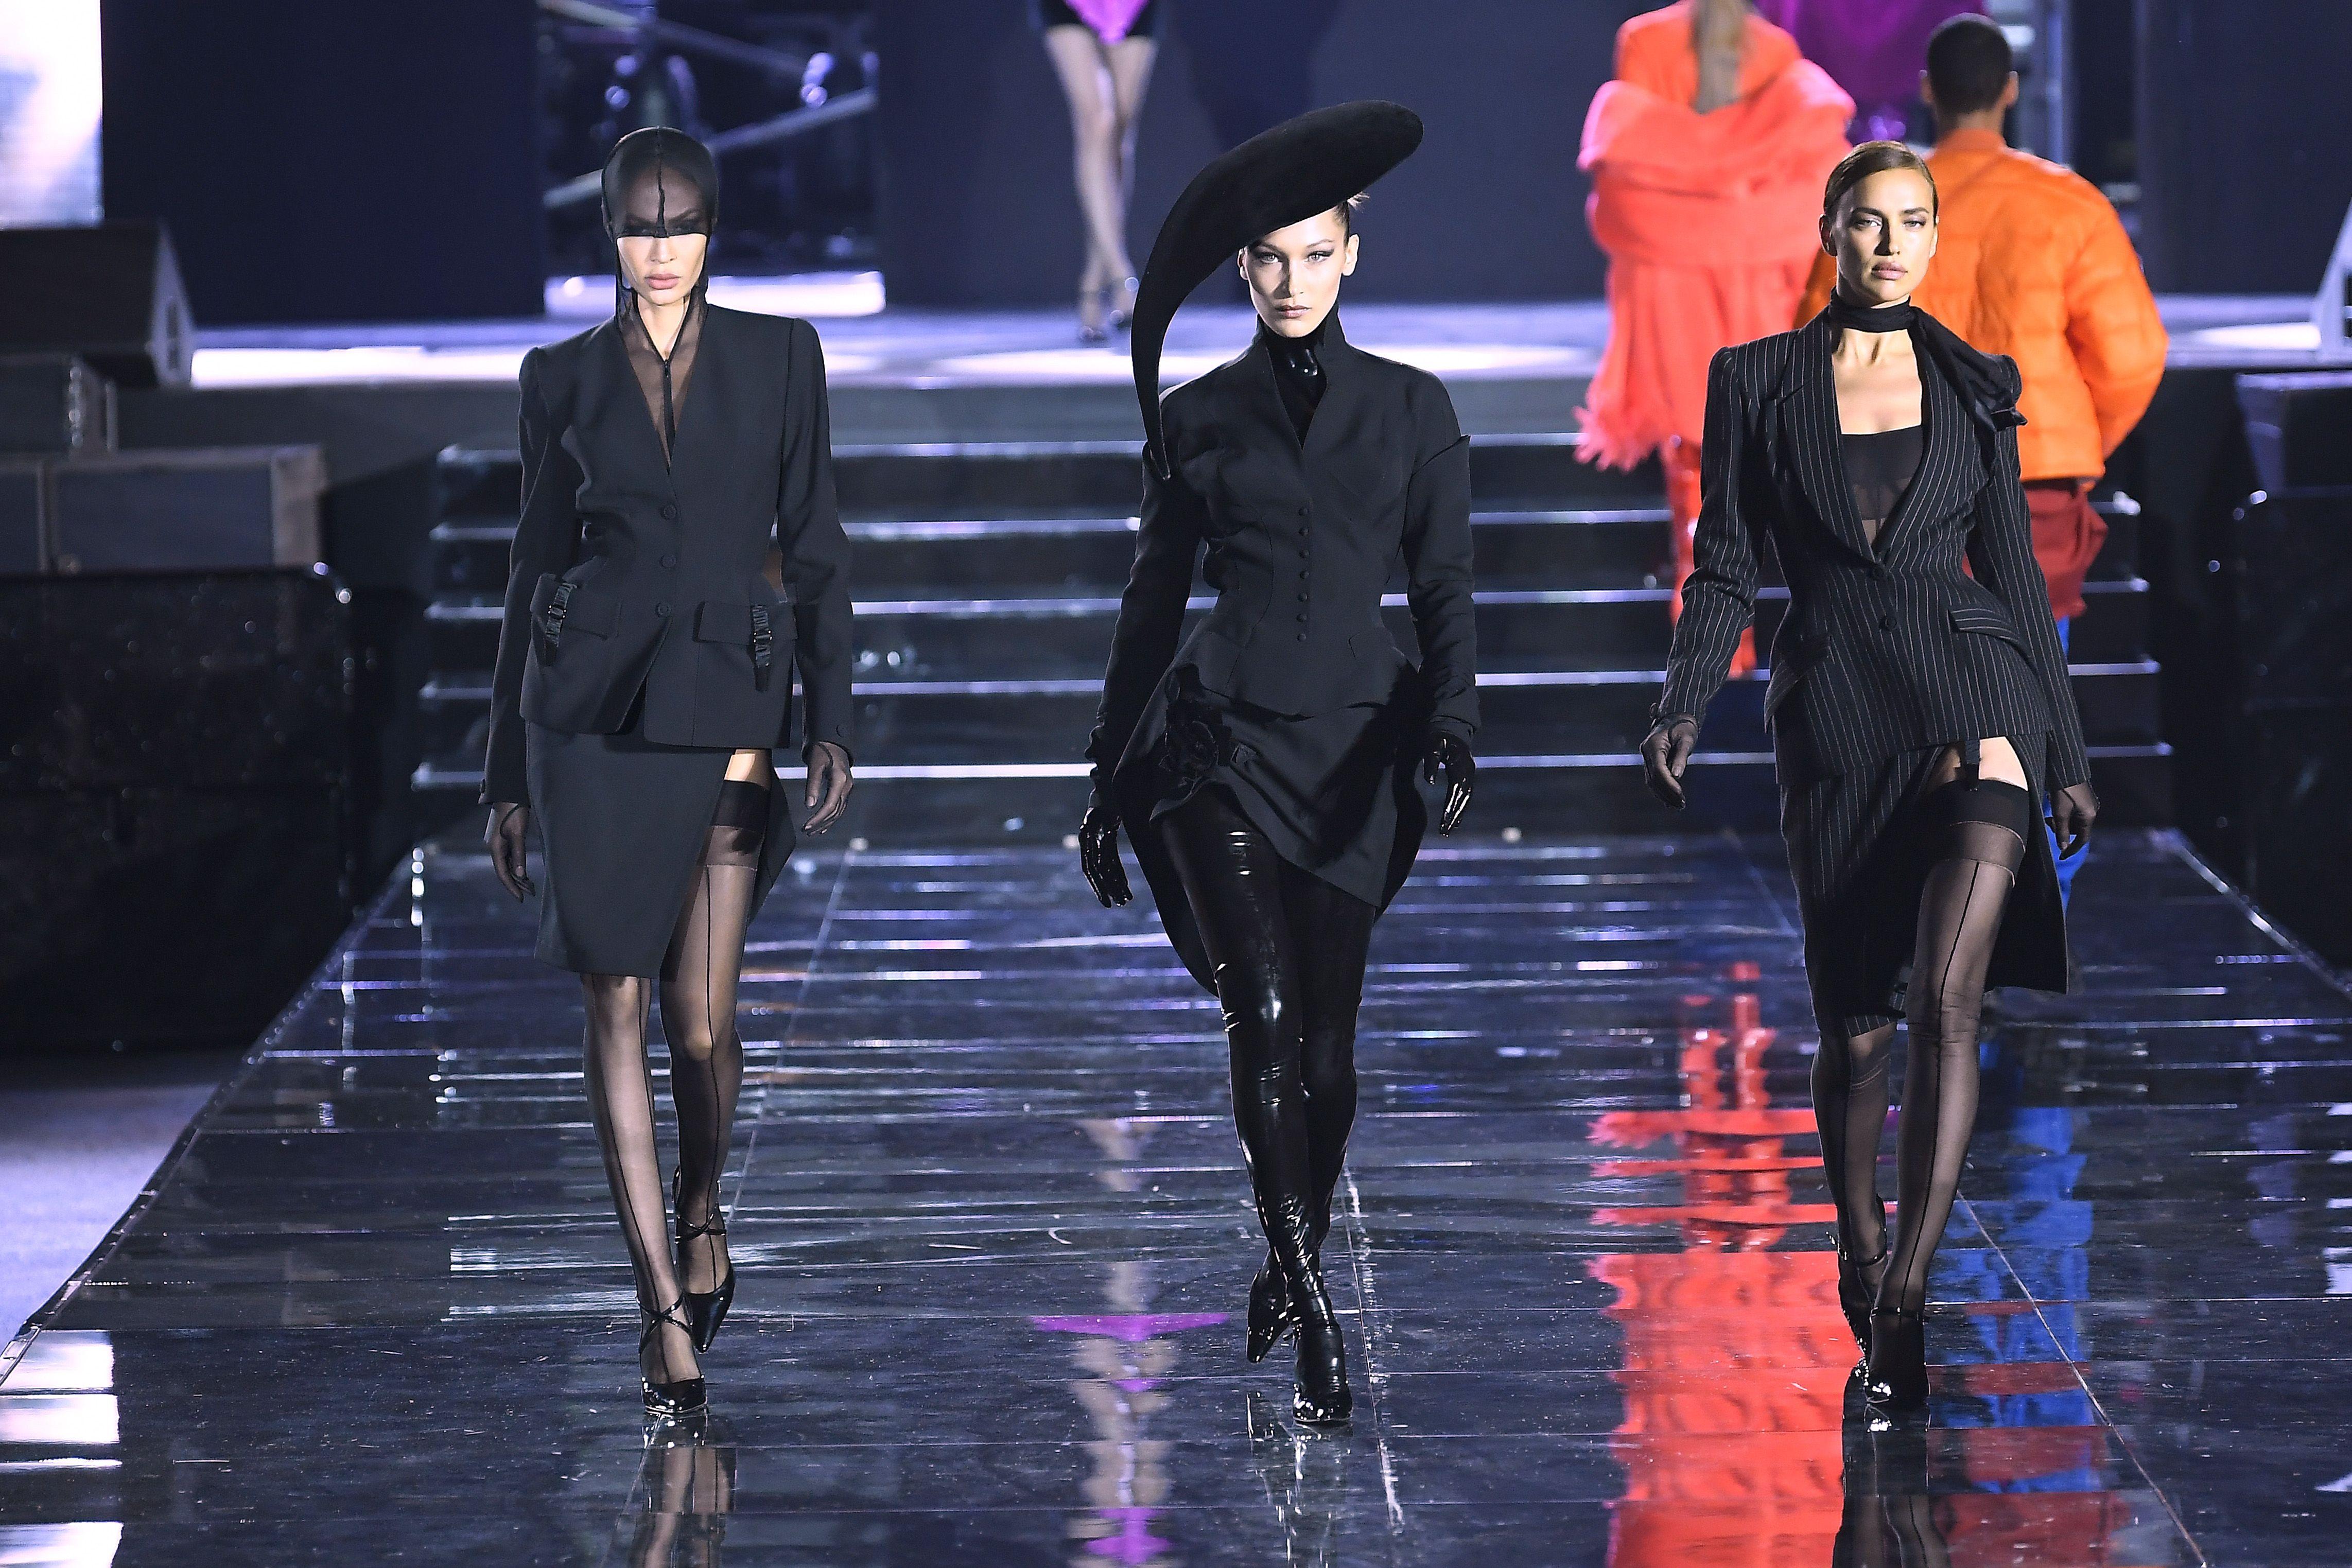 Carine Roitfeld and LuisaViaRoma's debut catwalk show